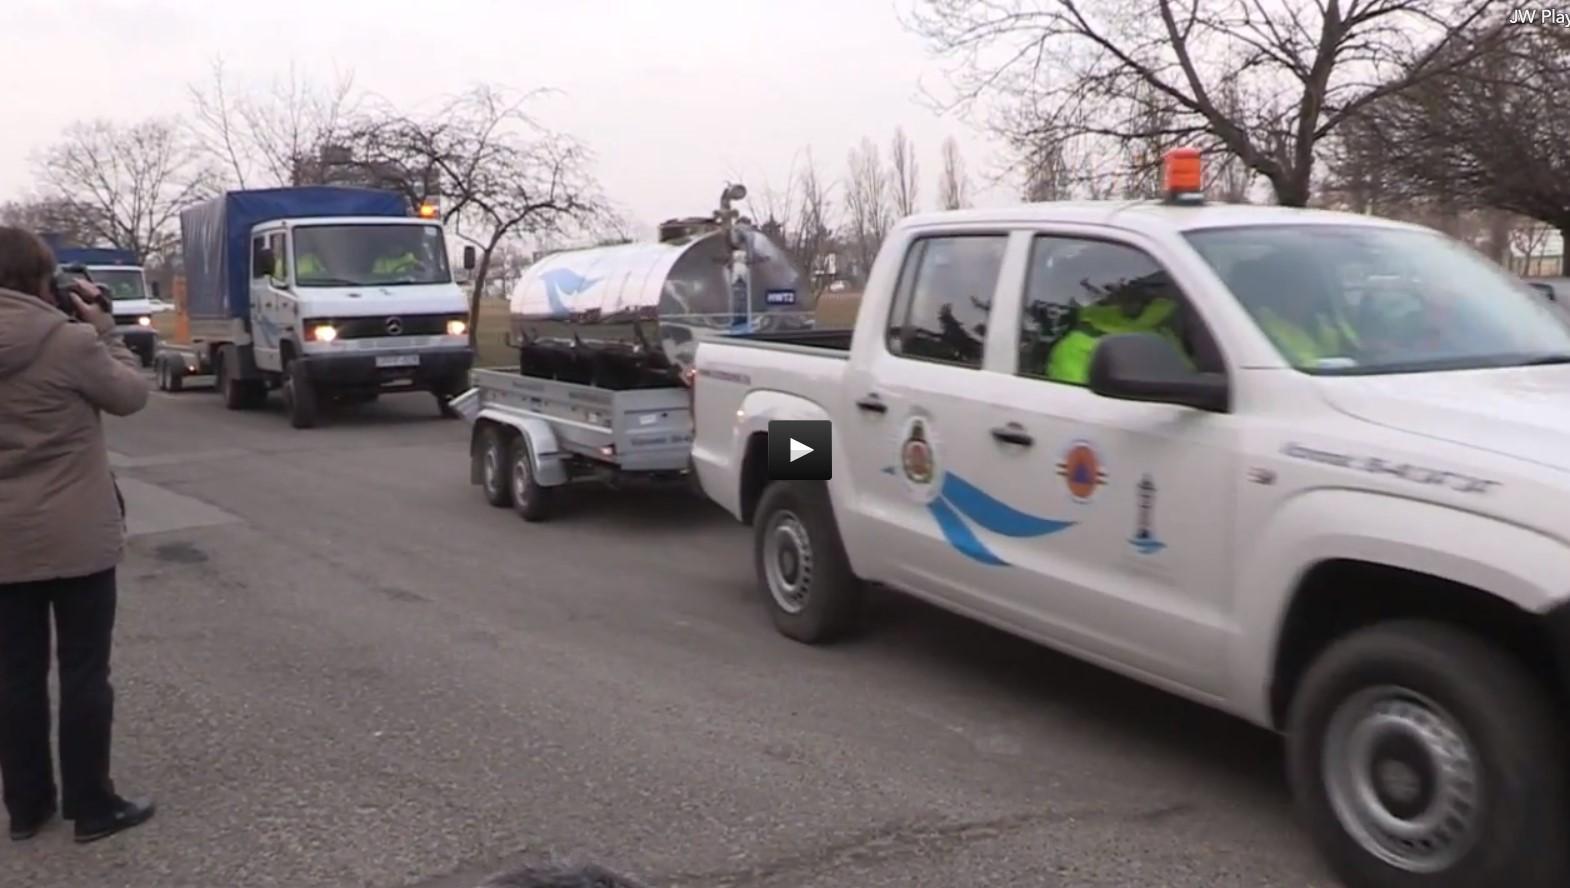 Magyar segítség az árvíz sújtotta Albániának